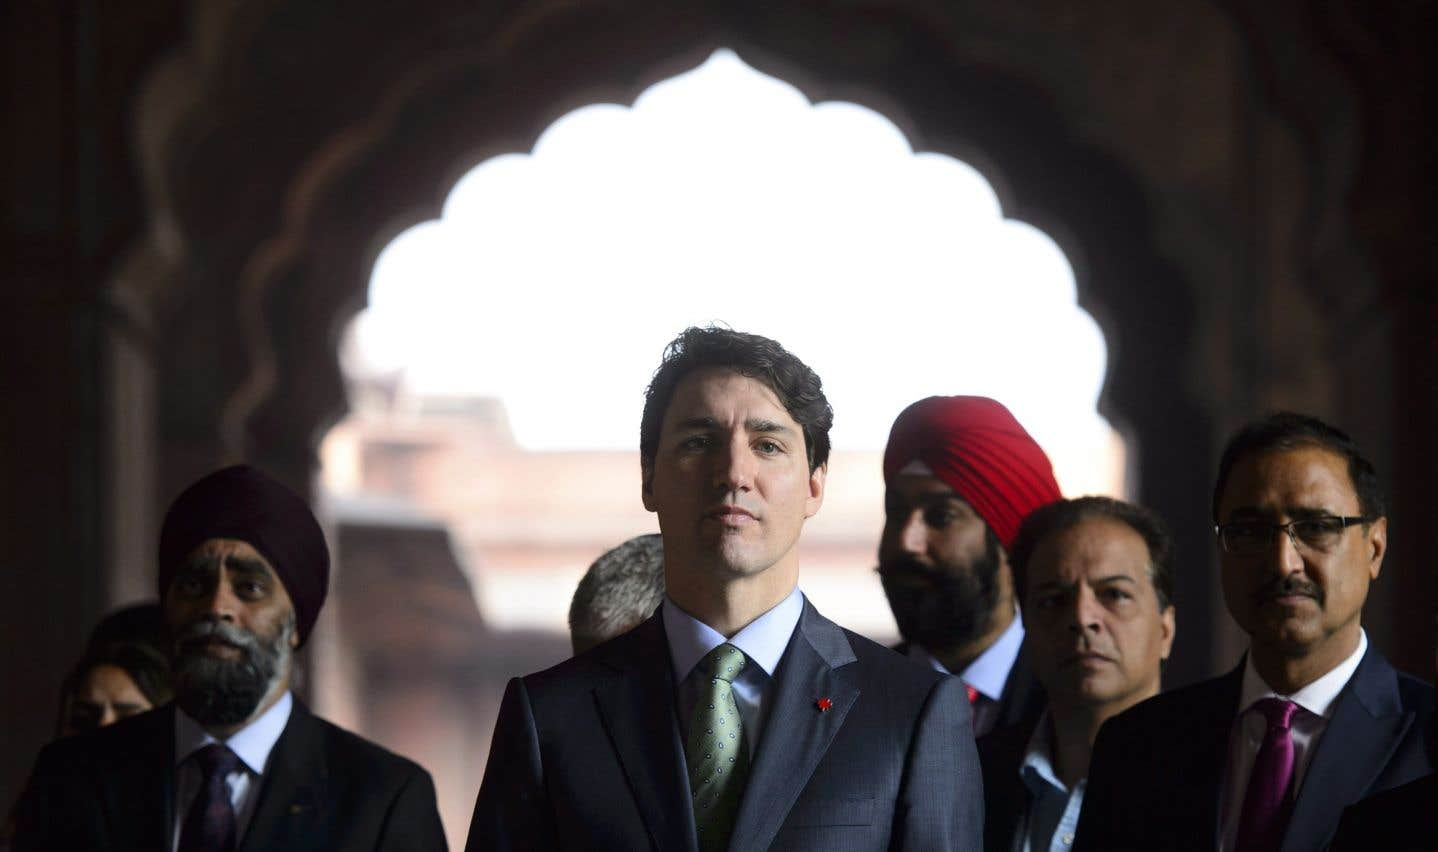 Le premier ministre Justin Trudeau en visite dans une mosquée de New Delhi, jeudi